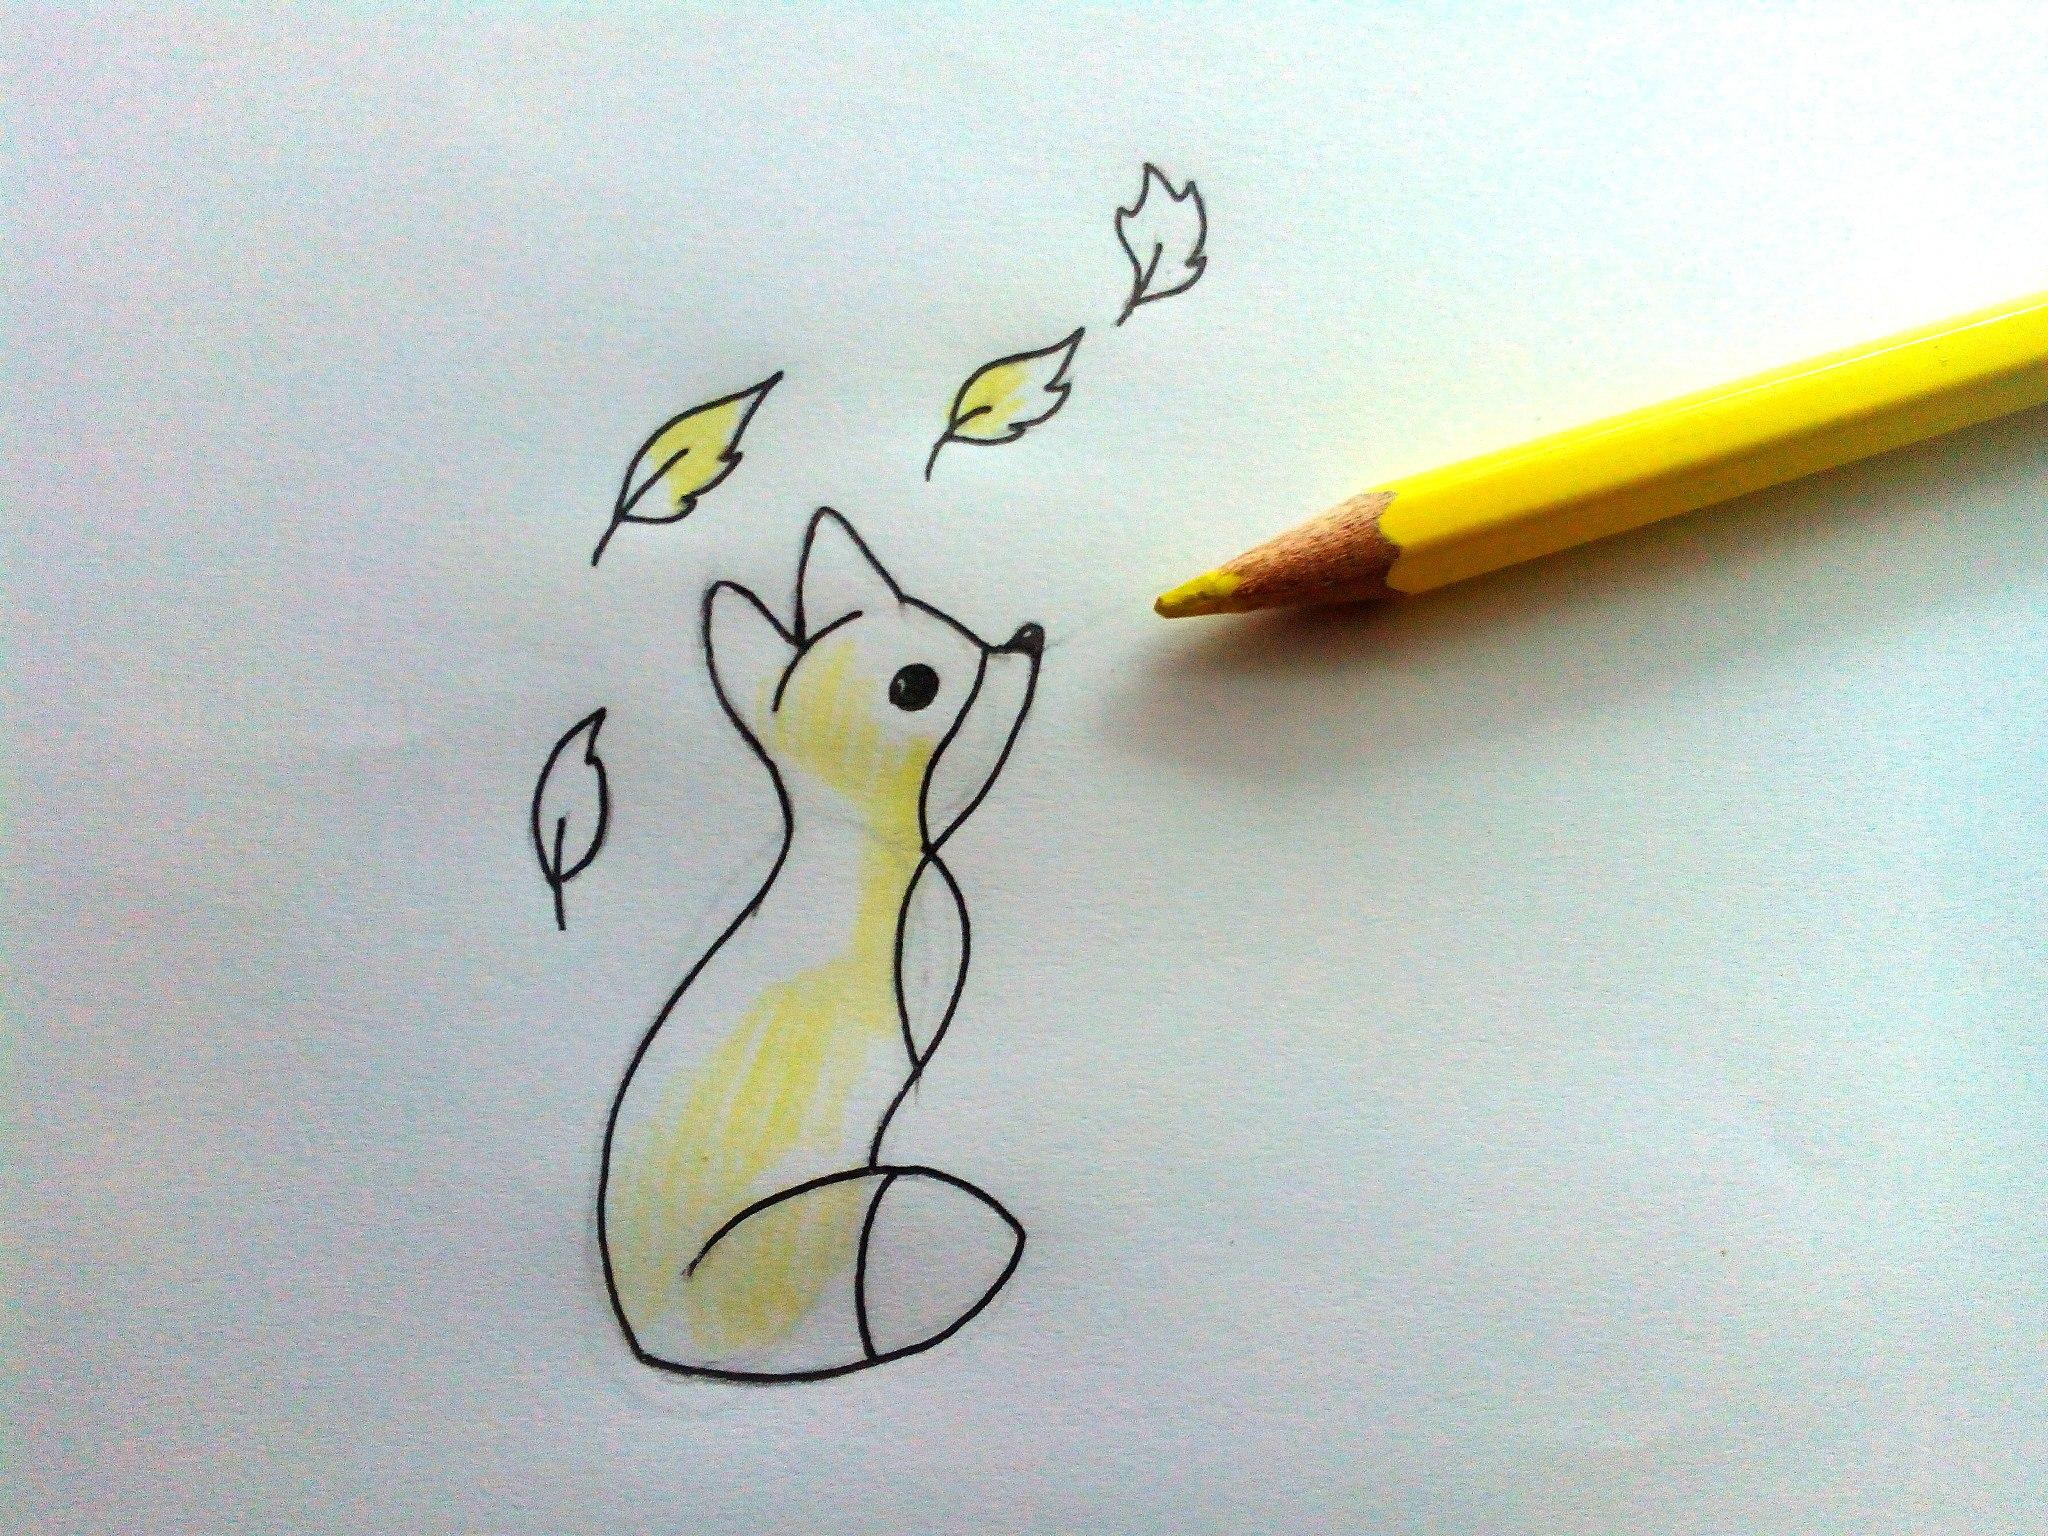 очень легкие и красивые рисунки карандашом для срисовки